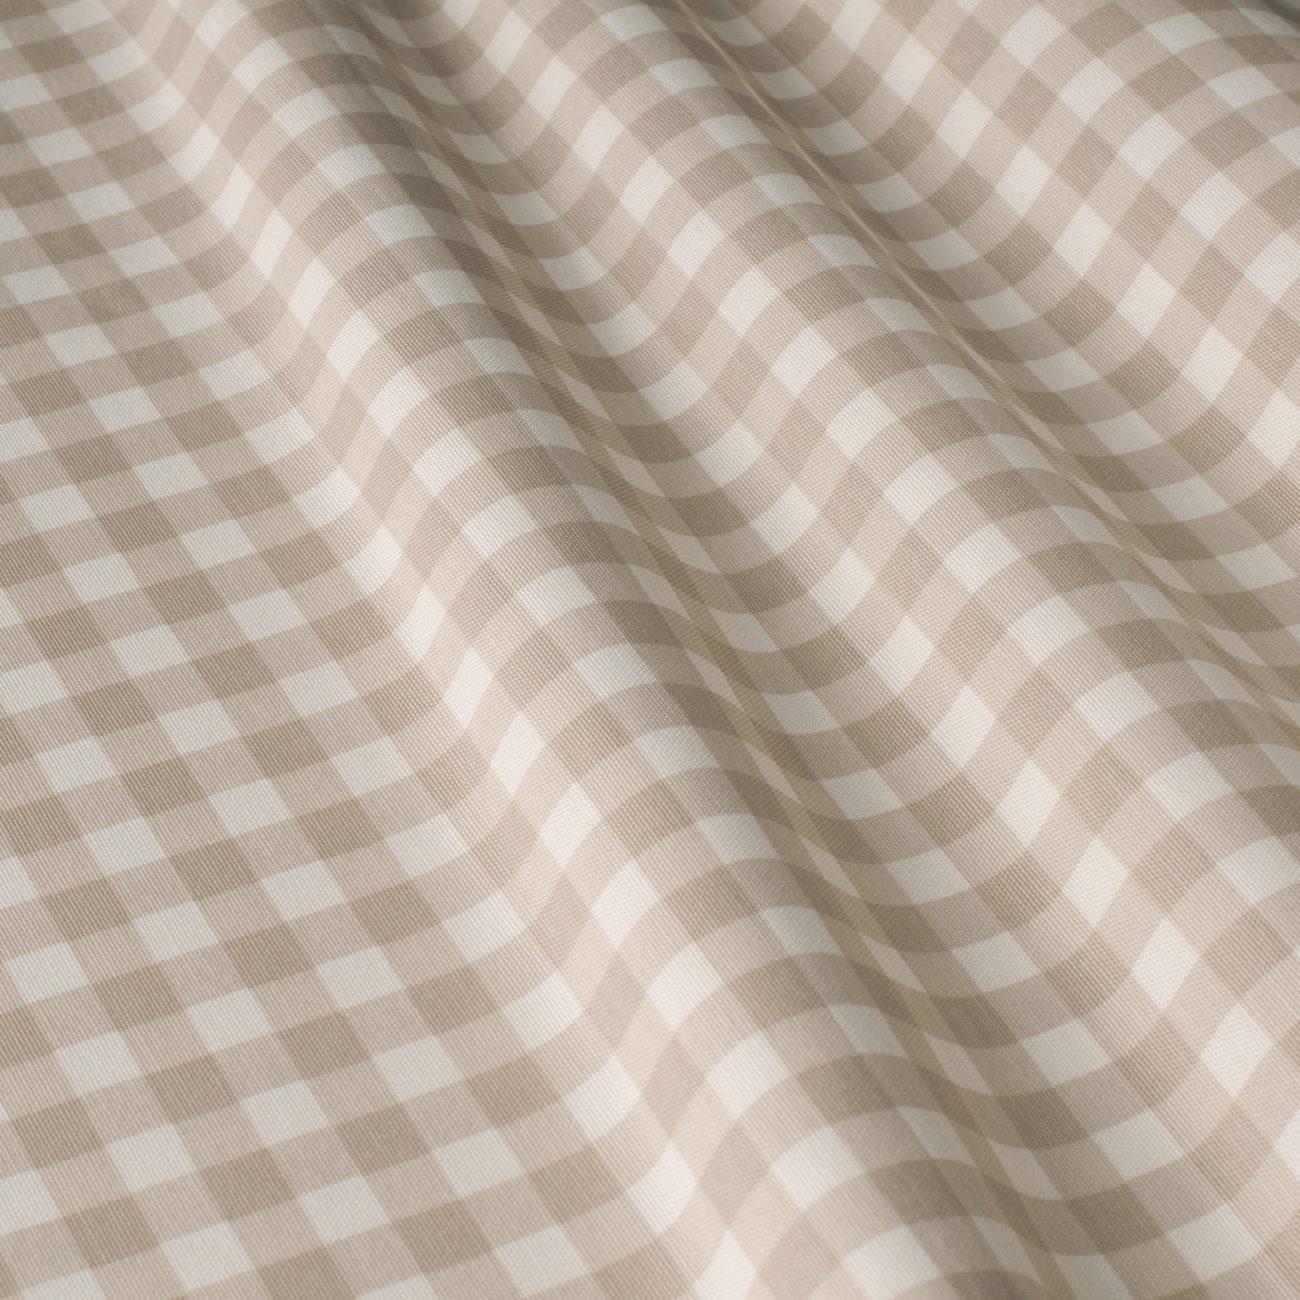 Mantel ⬛ BISTROTBEIGE ·1,8x1,8m· [porconfeccionar] [listoen5·7días]